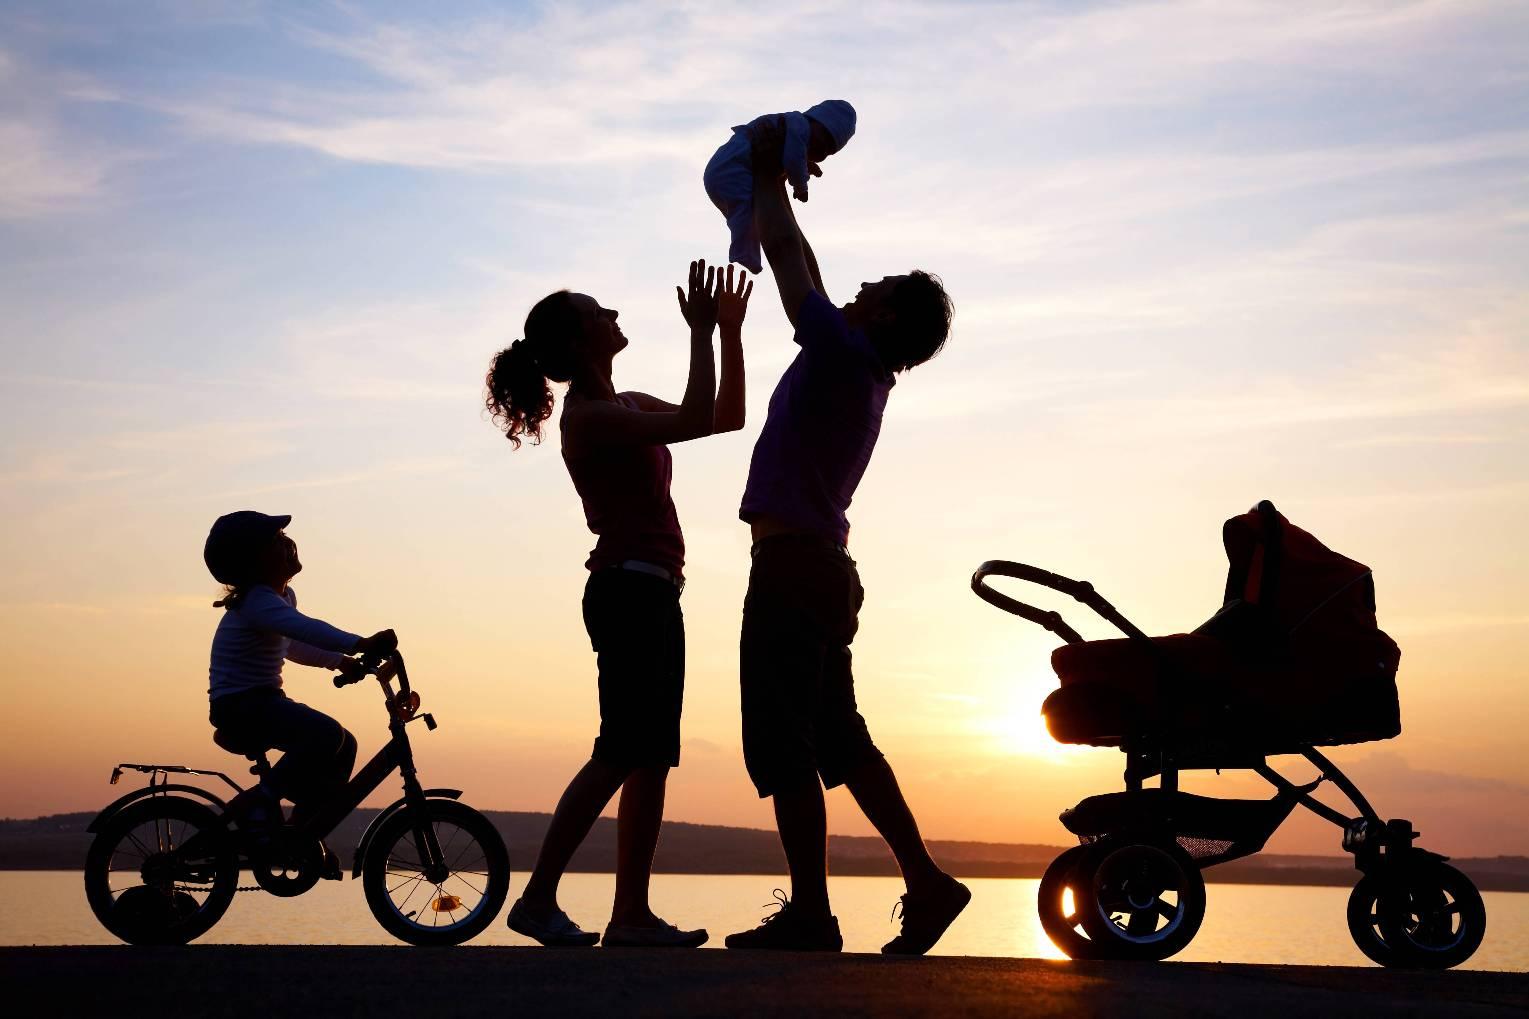 обучение будущих родителей,идея,заработок,бизнес каталог компаний homebusiness.kz,идеи бизнеса,раскрутка бизнеса,объявления,каталог сайтов бизнес,бизнес портал,домашний бизнес